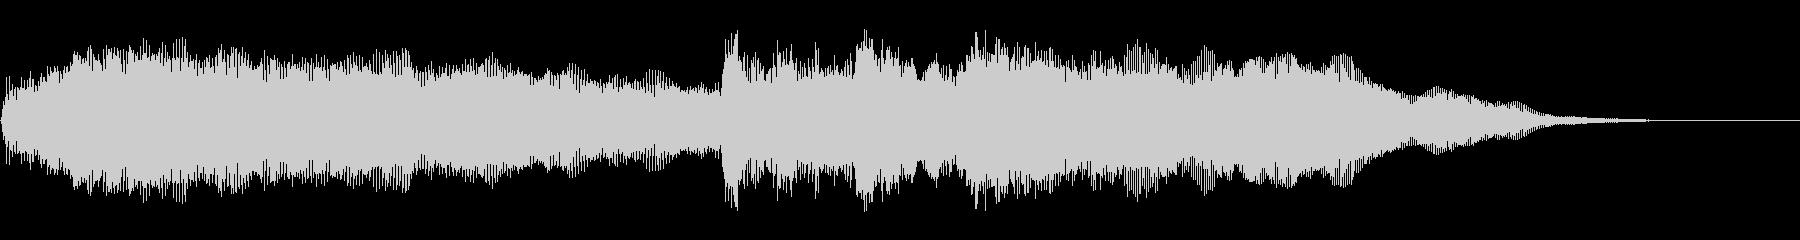 メローオーケストラアクセント4の未再生の波形